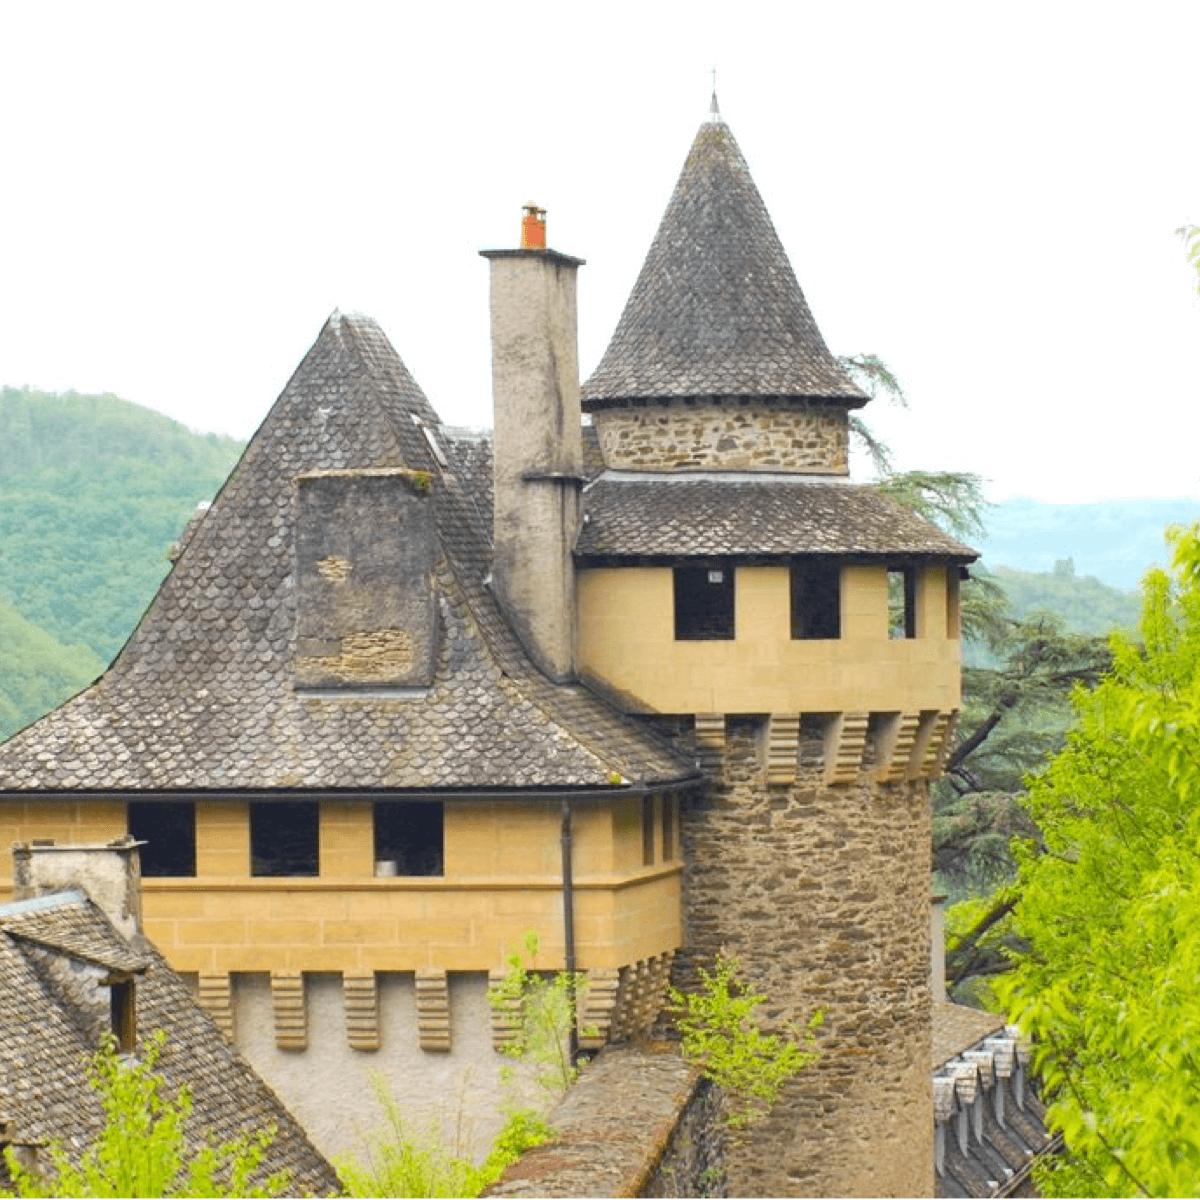 C'est dans l'un des donjons fortifiés de l'abbaye de Bonneval que les moines durent se réfugier durant la Révolution